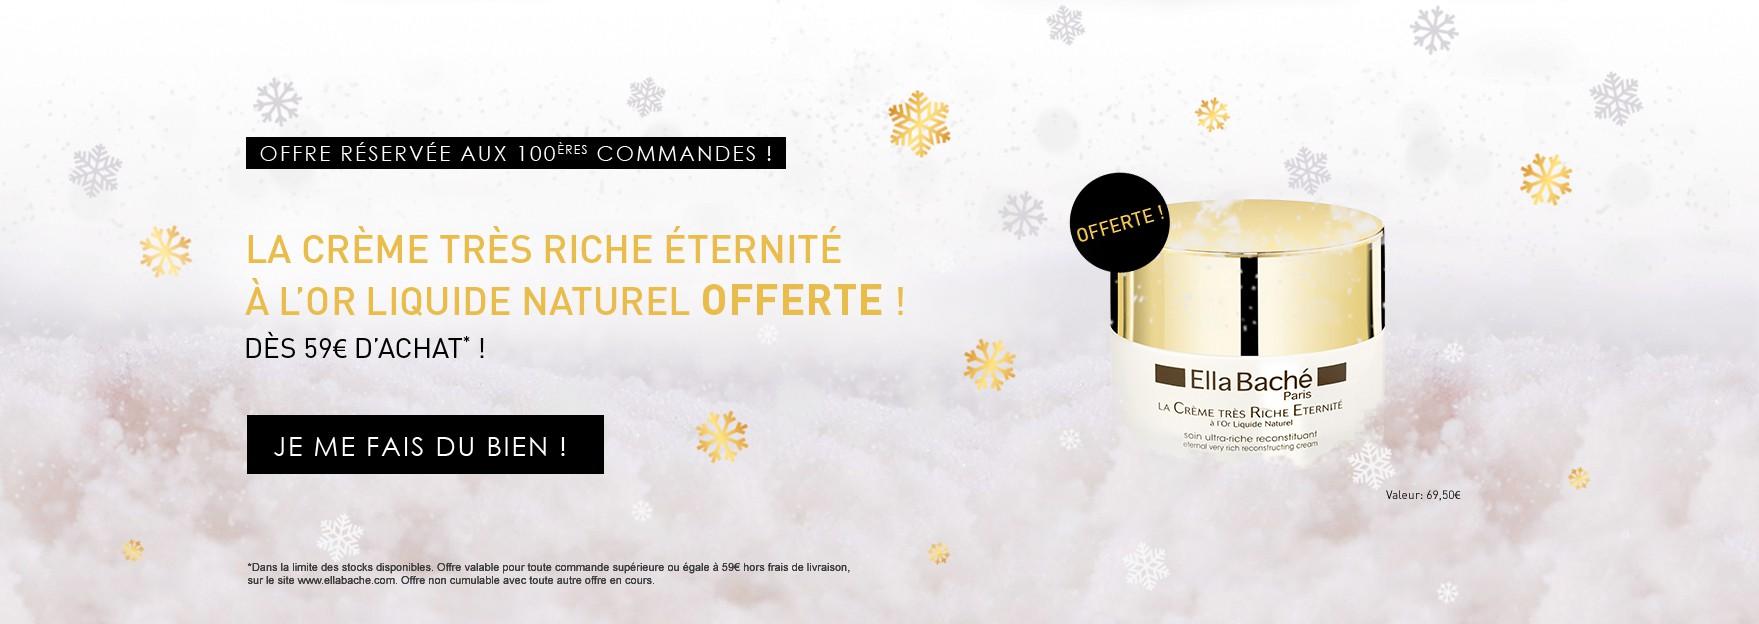 Une Crème Très Riche Éternité Offerte dès 59€ d'achat - réservée aux 100ères commandes